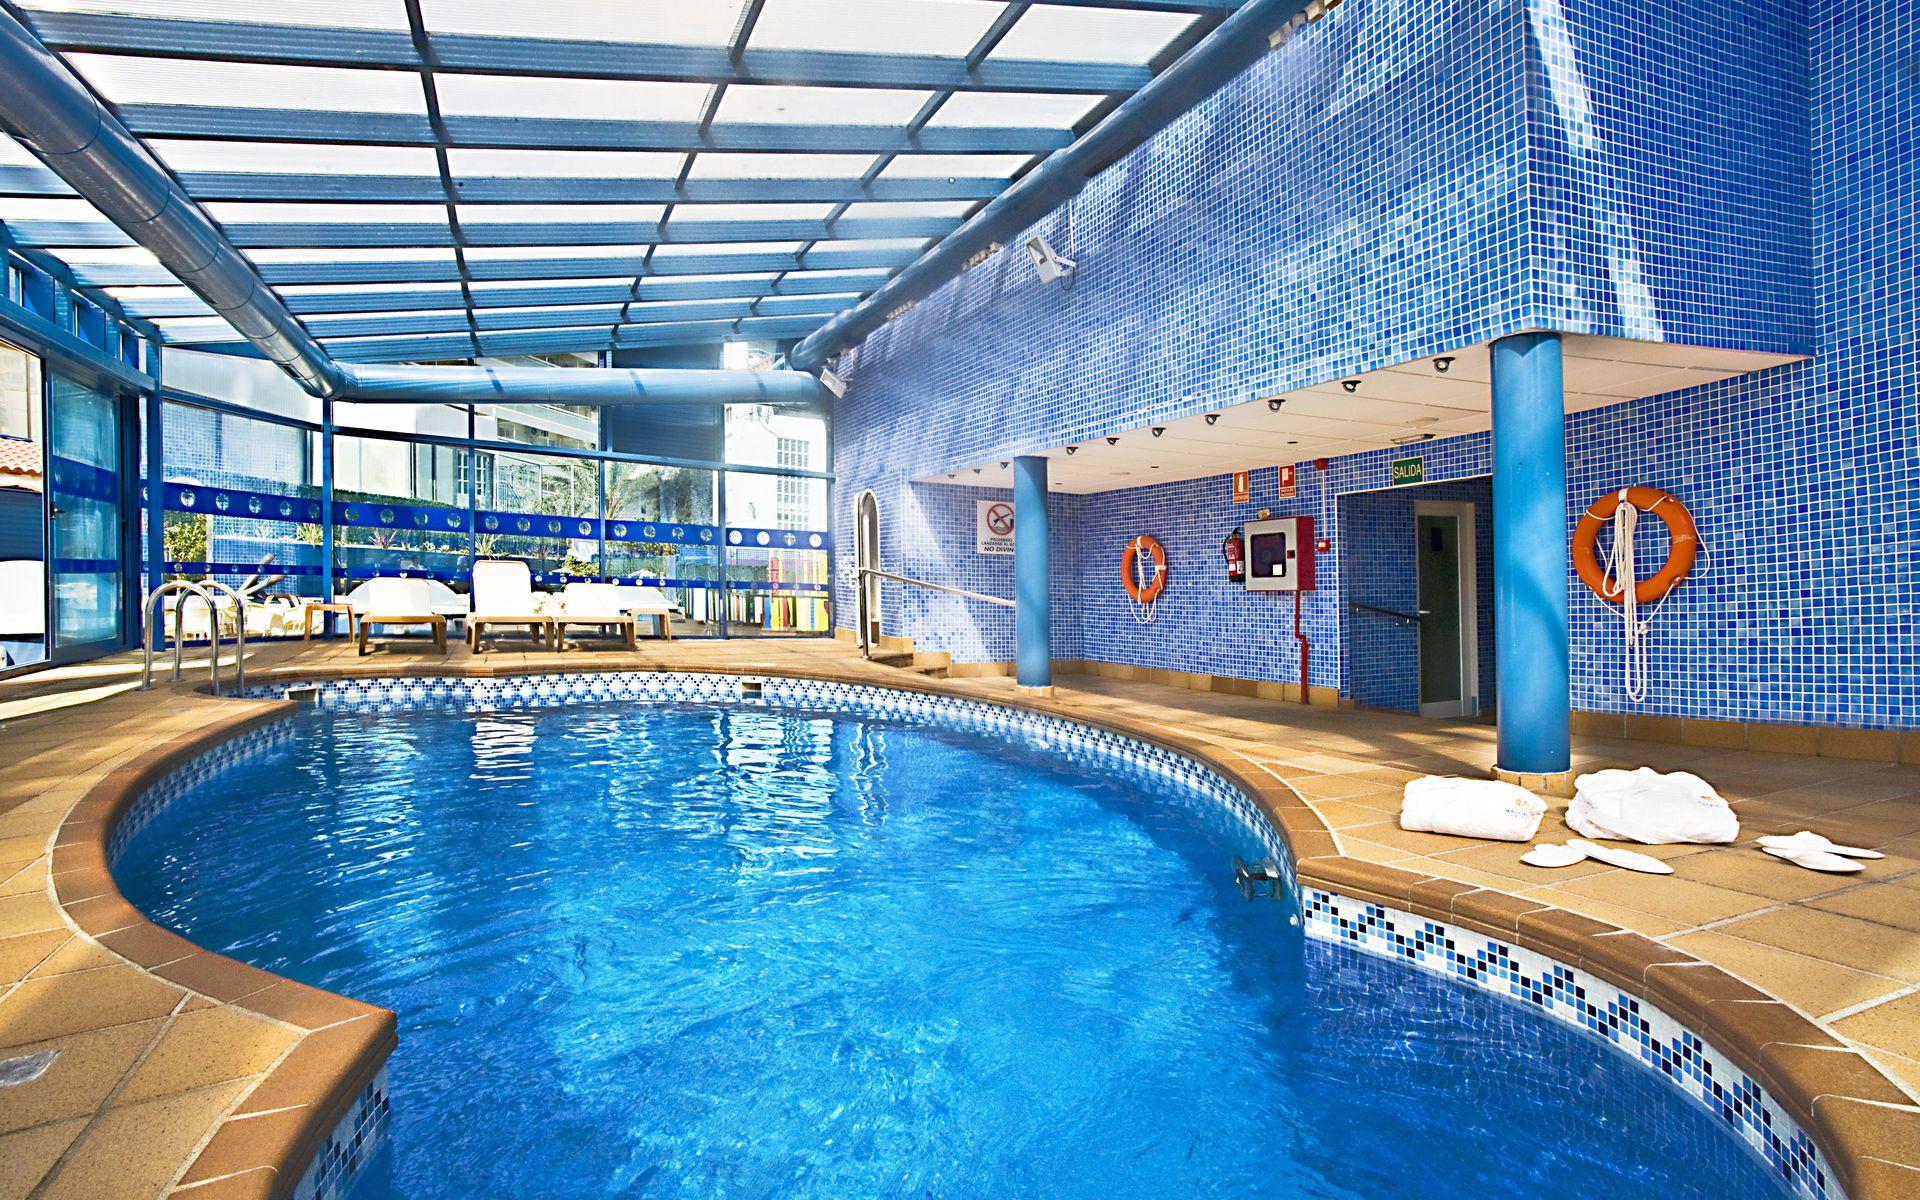 Hotel madeira centro en benidorm costa blanca desde 21 for Piscina climatizada benidorm